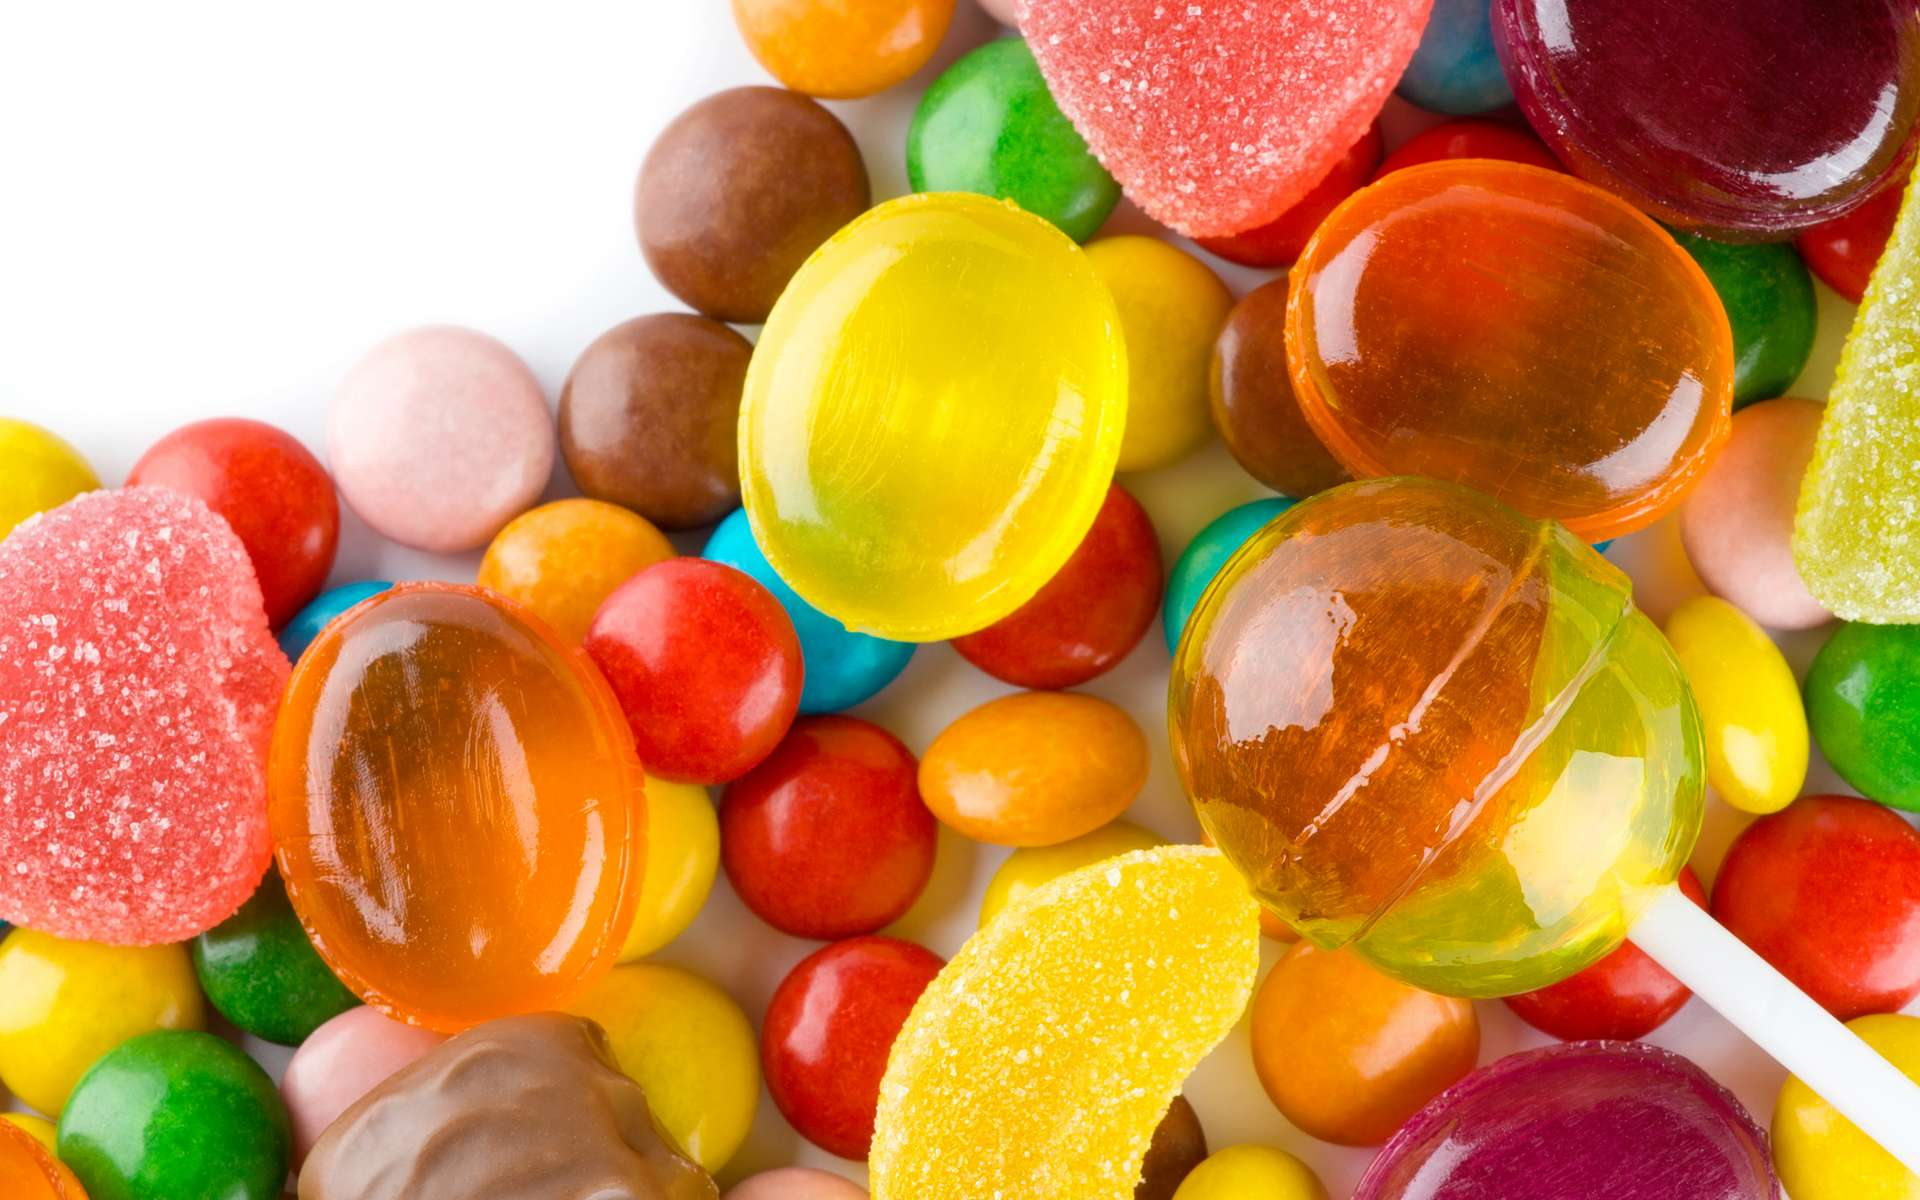 Parmi la grande variété de sucreries, il existe des bonbons sans sucre et ils se déclinent dans une palette variée de goûts, de couleurs et de formes. © Seralex, Adobe Stock